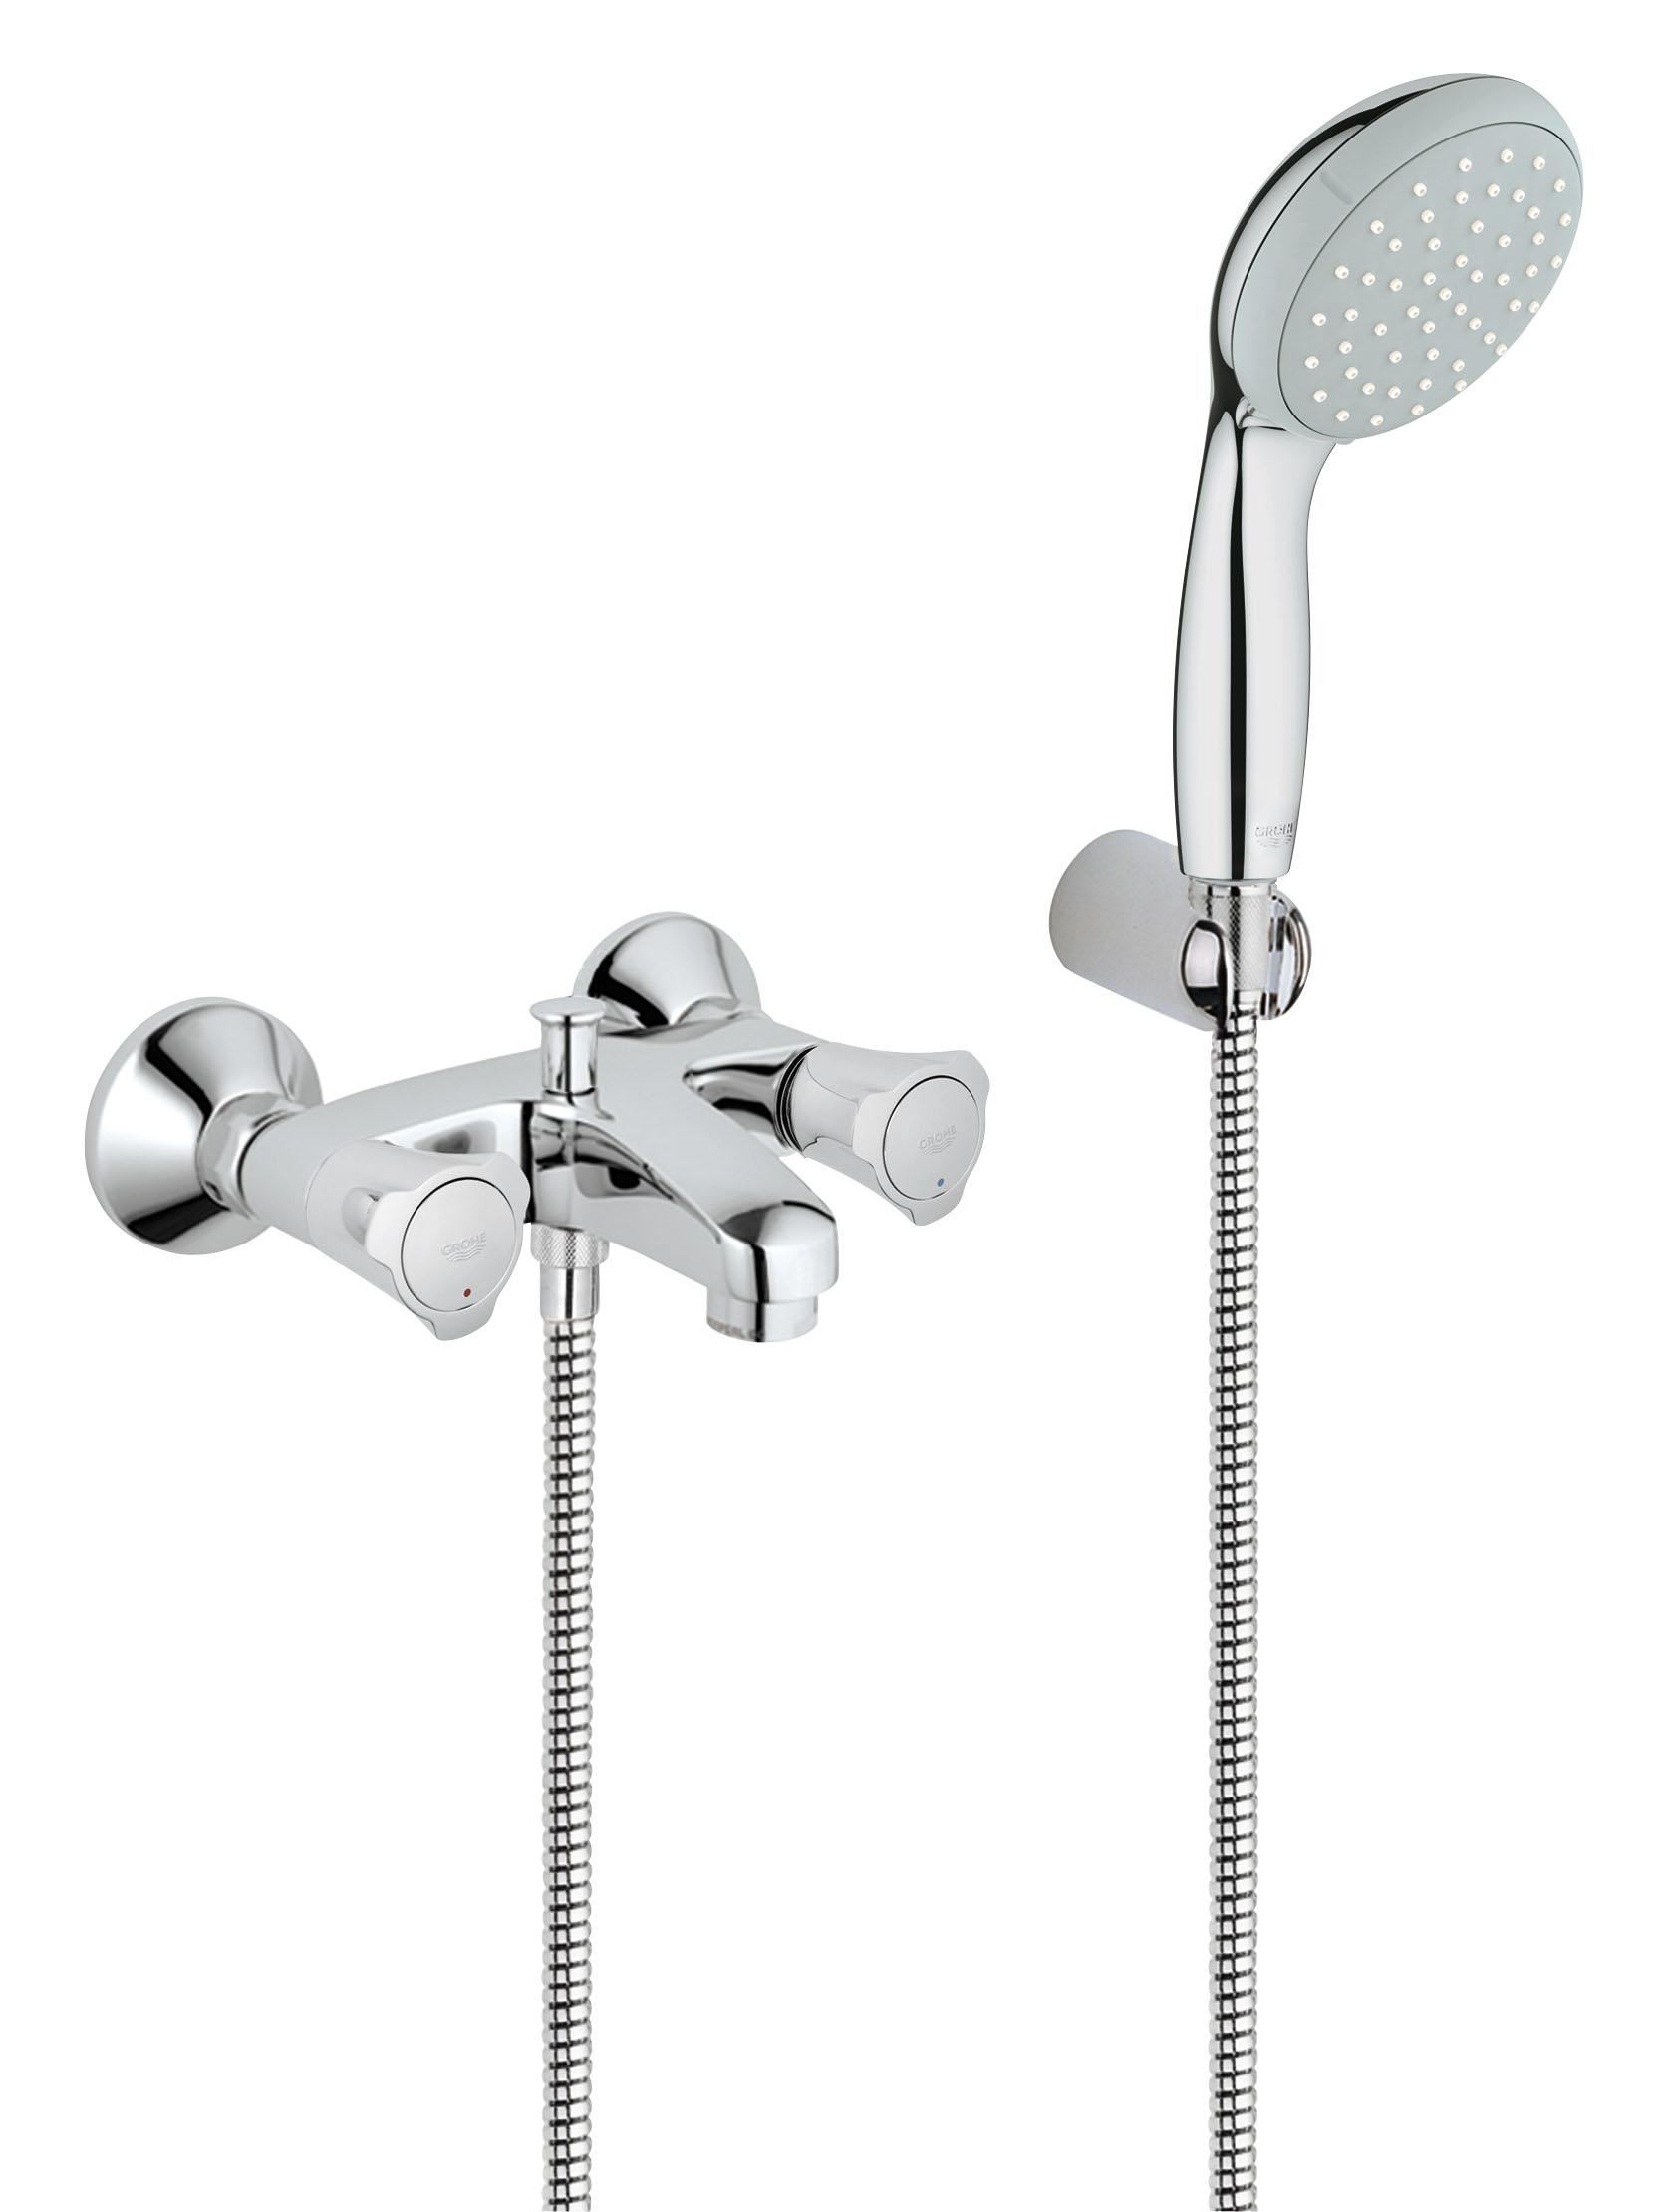 Смеситель для ванны GROHE Costa L с душевым набором (25460001)BL505Настенный монтаж Металлические рукоятки С теплоизоляцией Привинчивающаяся Вентиль Longlife с резиновым уплотнением Автоматический переключатель: ванна/душ Аэратор Скрытые S-образные эксцентрики С душевым гарнитуром Включает в себя: Ручной душ New Tempesta 100, один вид струи, 9,5 l/мин (27 923 000) Настенный держатель ручного душа (28 605 000) Душевой шланг Relexaflex 1500 мм 1/2? x 1/2? (28 151 000) GROHE StarLight хромированная поверхность Видео по установке является исключительно информационным. Установка должна проводиться профессионалами!